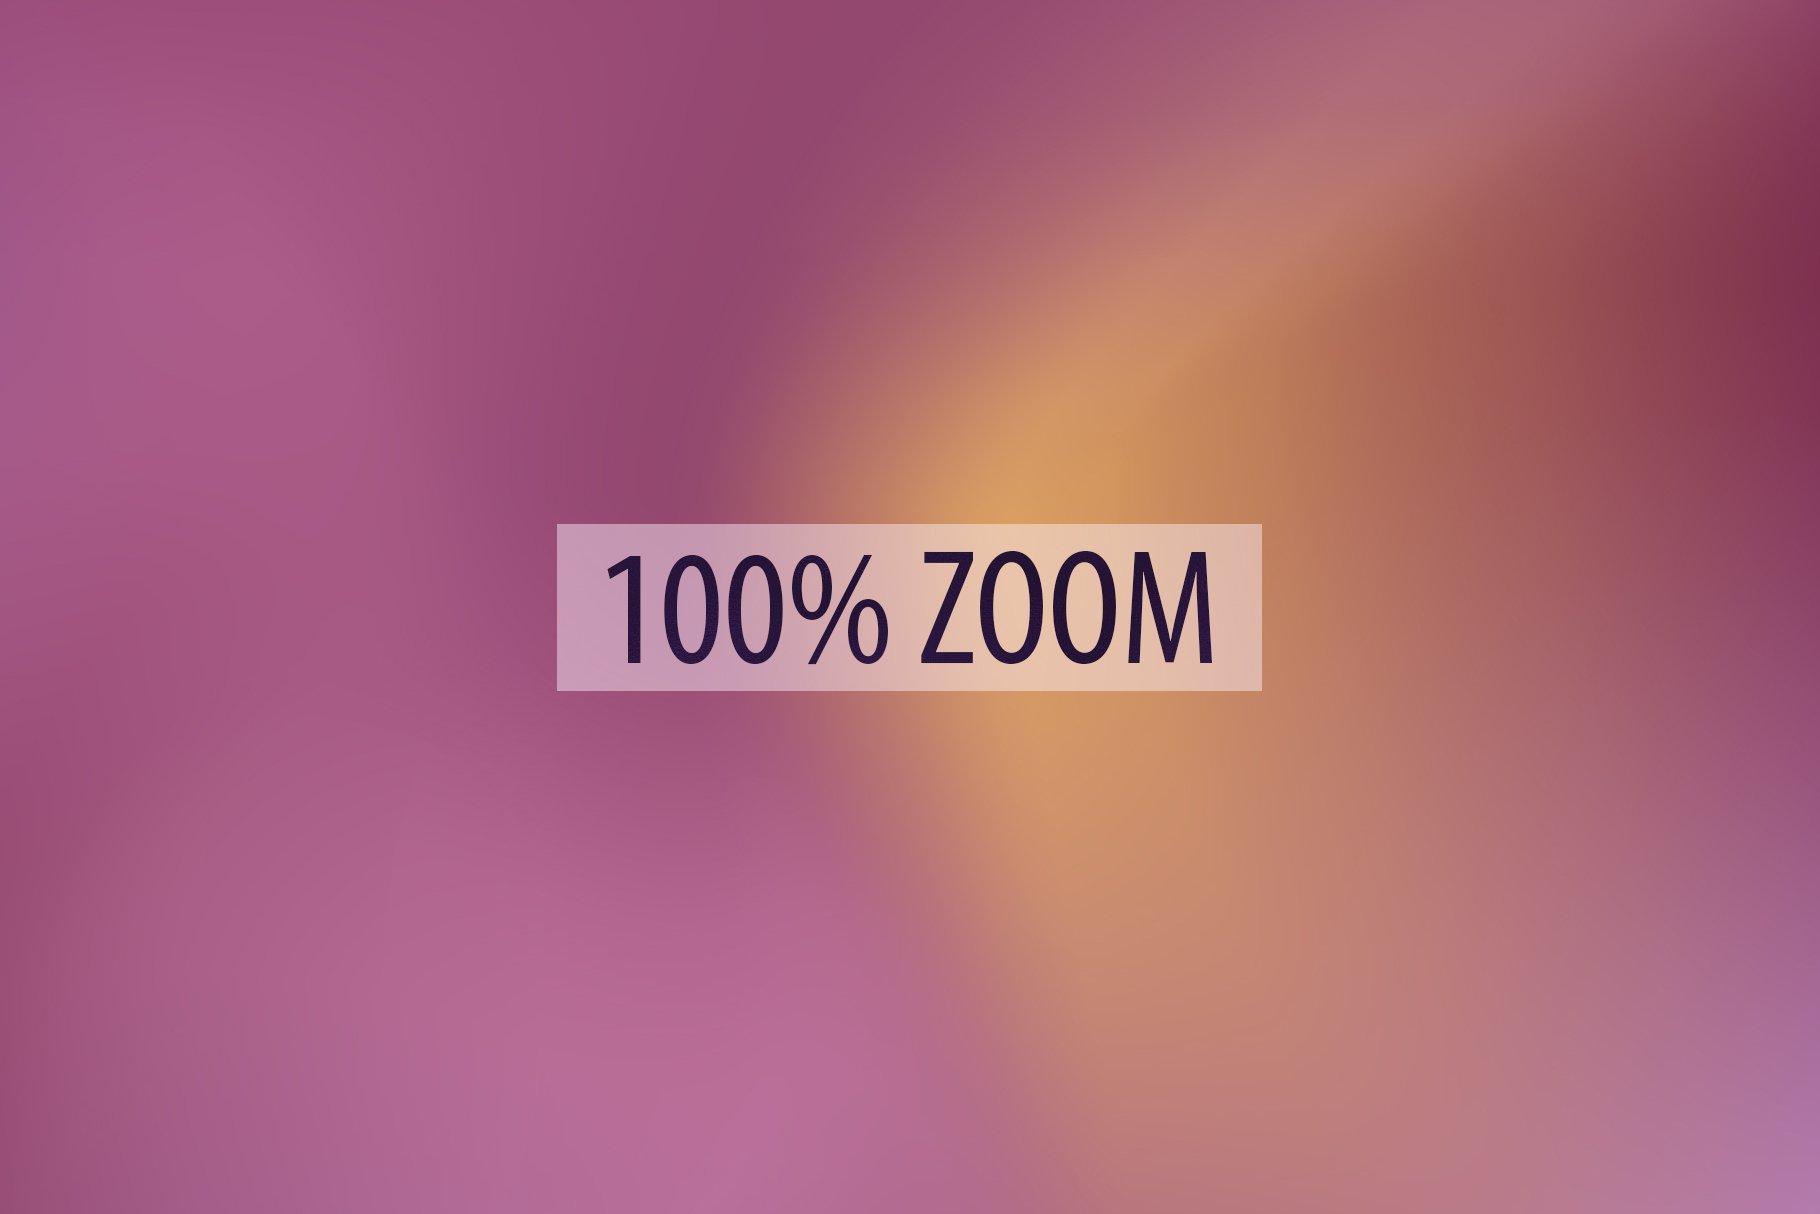 抽象紫色海军蓝绿色调丙烯酸油漆笔刷背景纹理图片素材 Brushstroke Textures Collection插图(5)